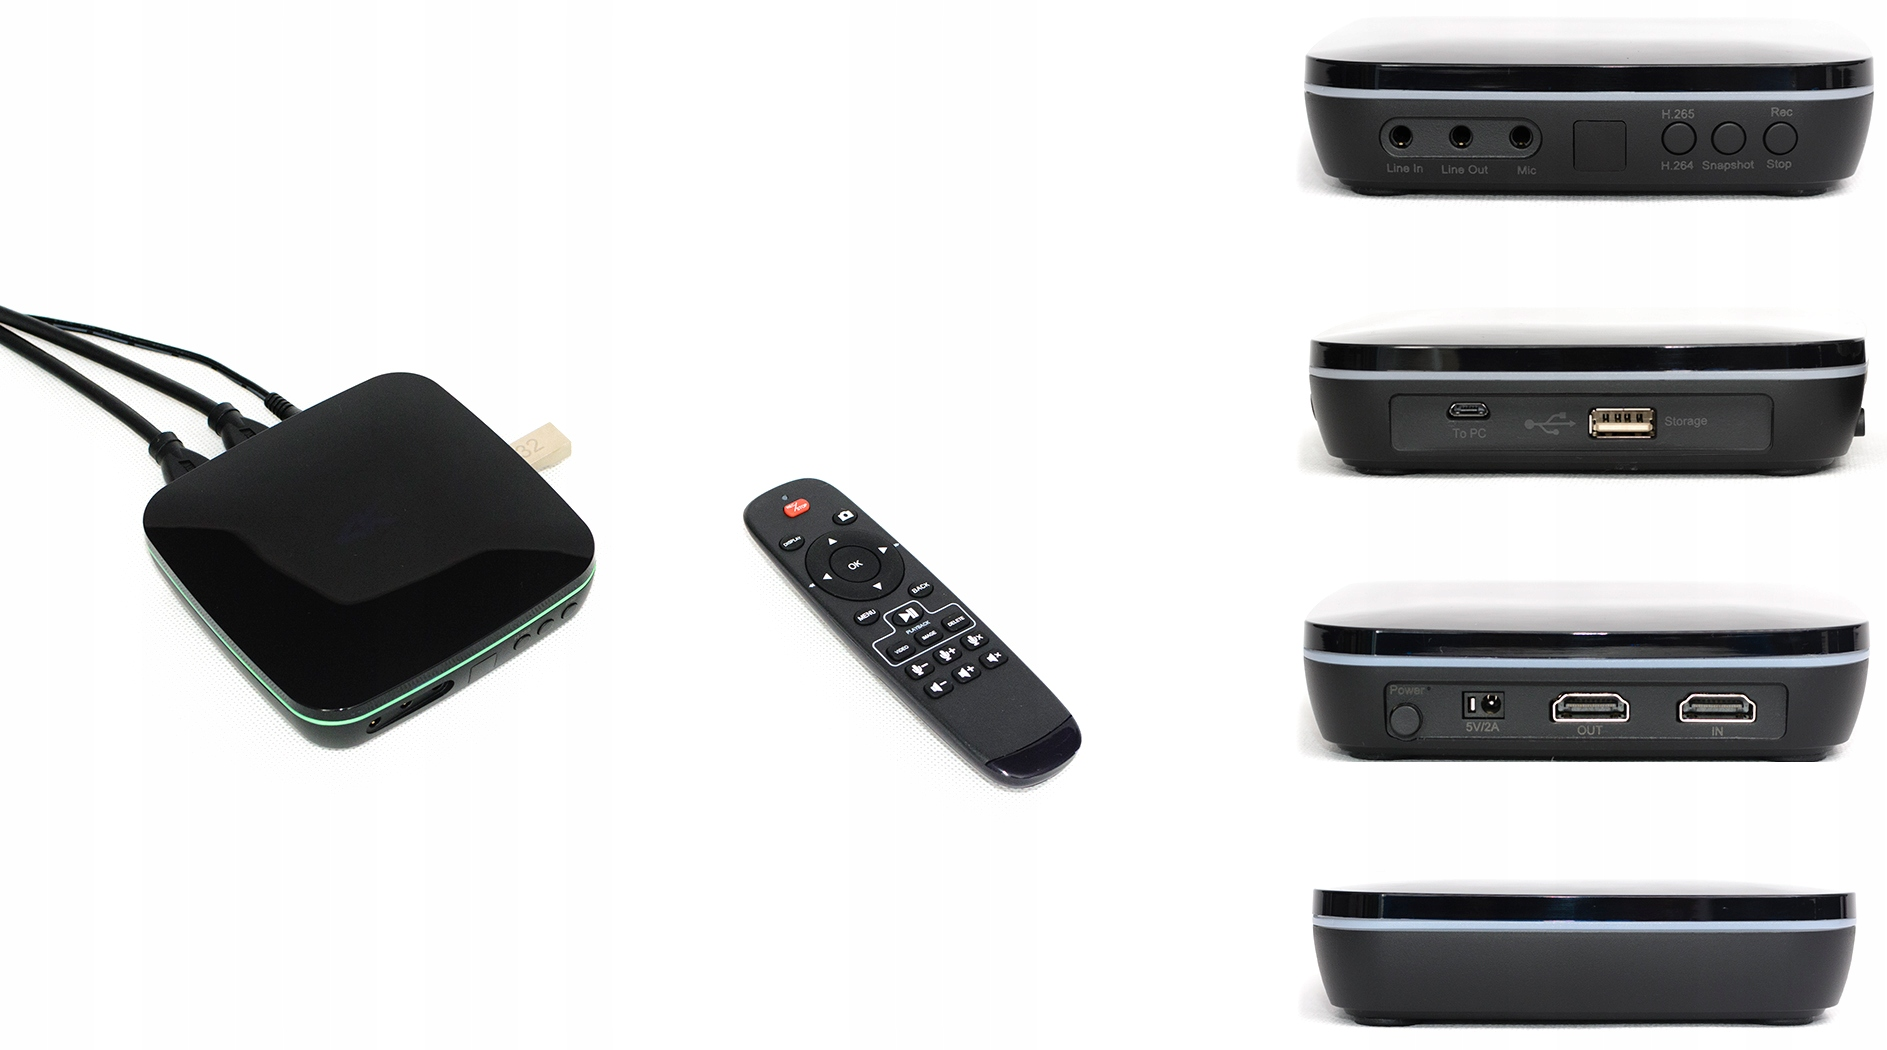 VELOCAP X-Pro - nowa nagrywarka 4K + grabber 2w1 Waga produktu z opakowaniem jednostkowym 1 kg